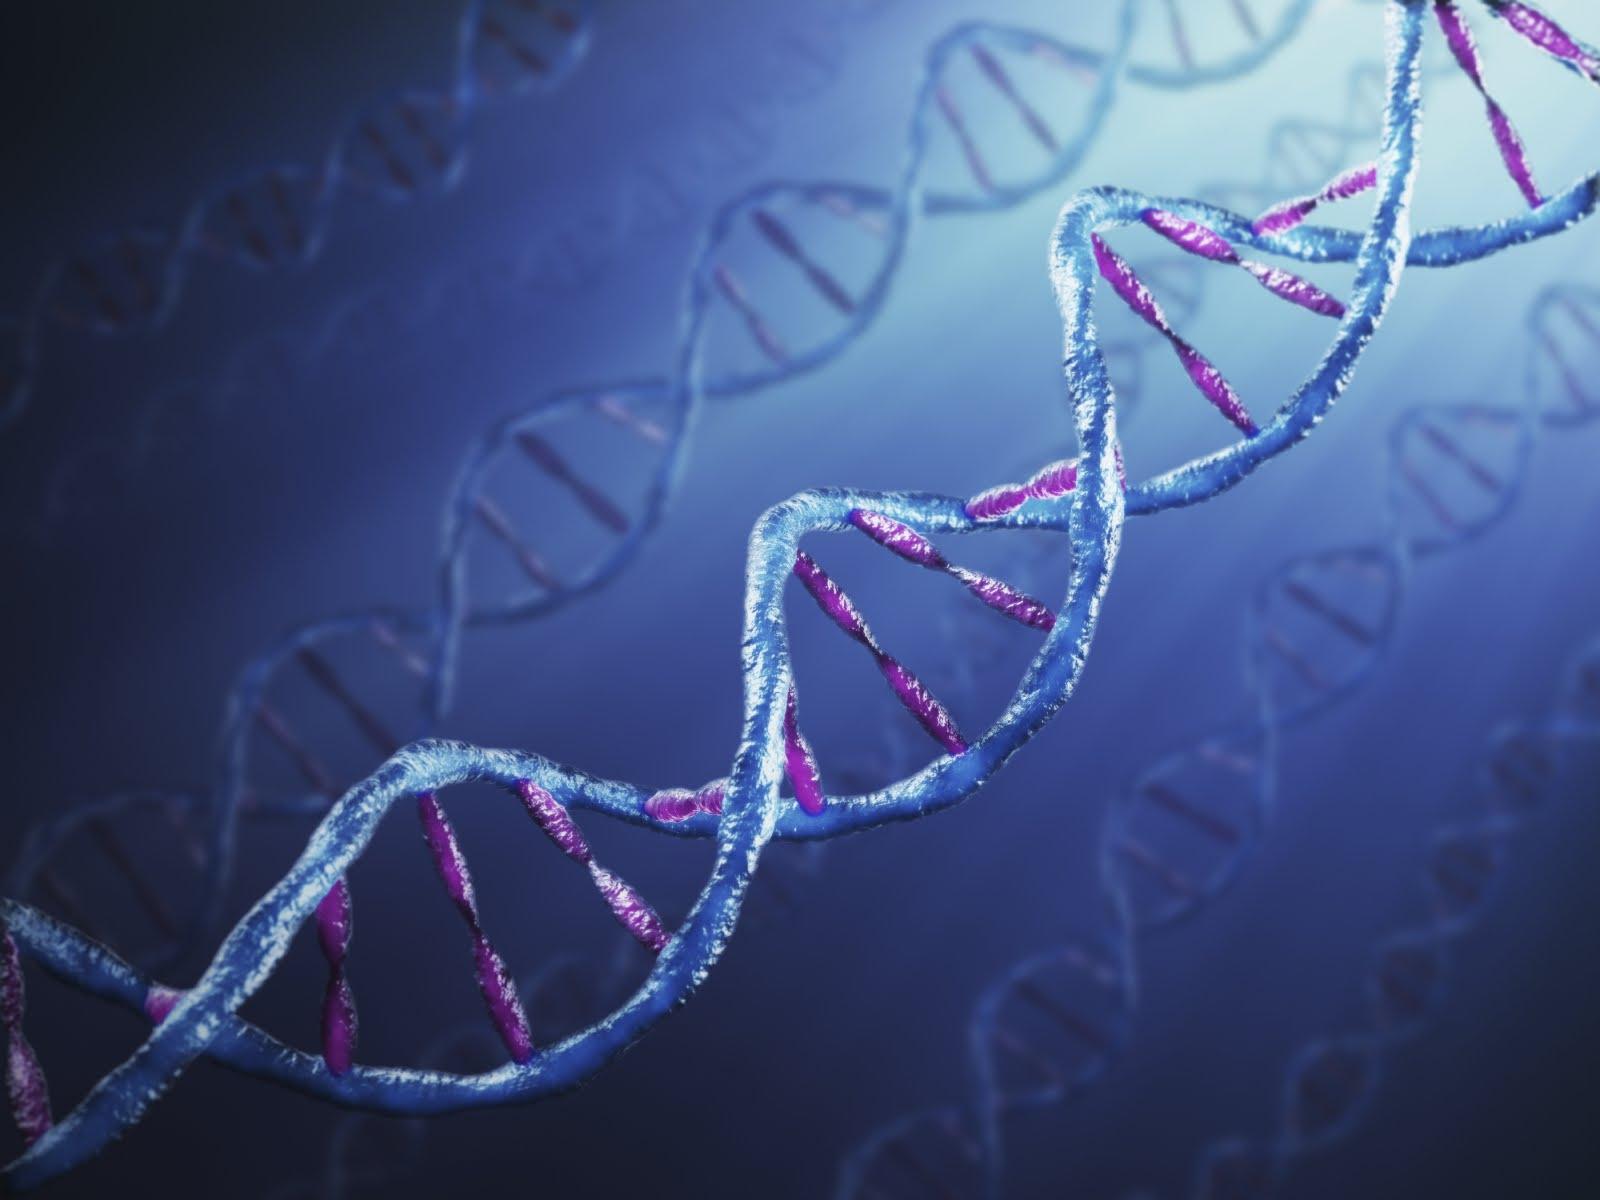 Bioética, um desafio também para os jovens